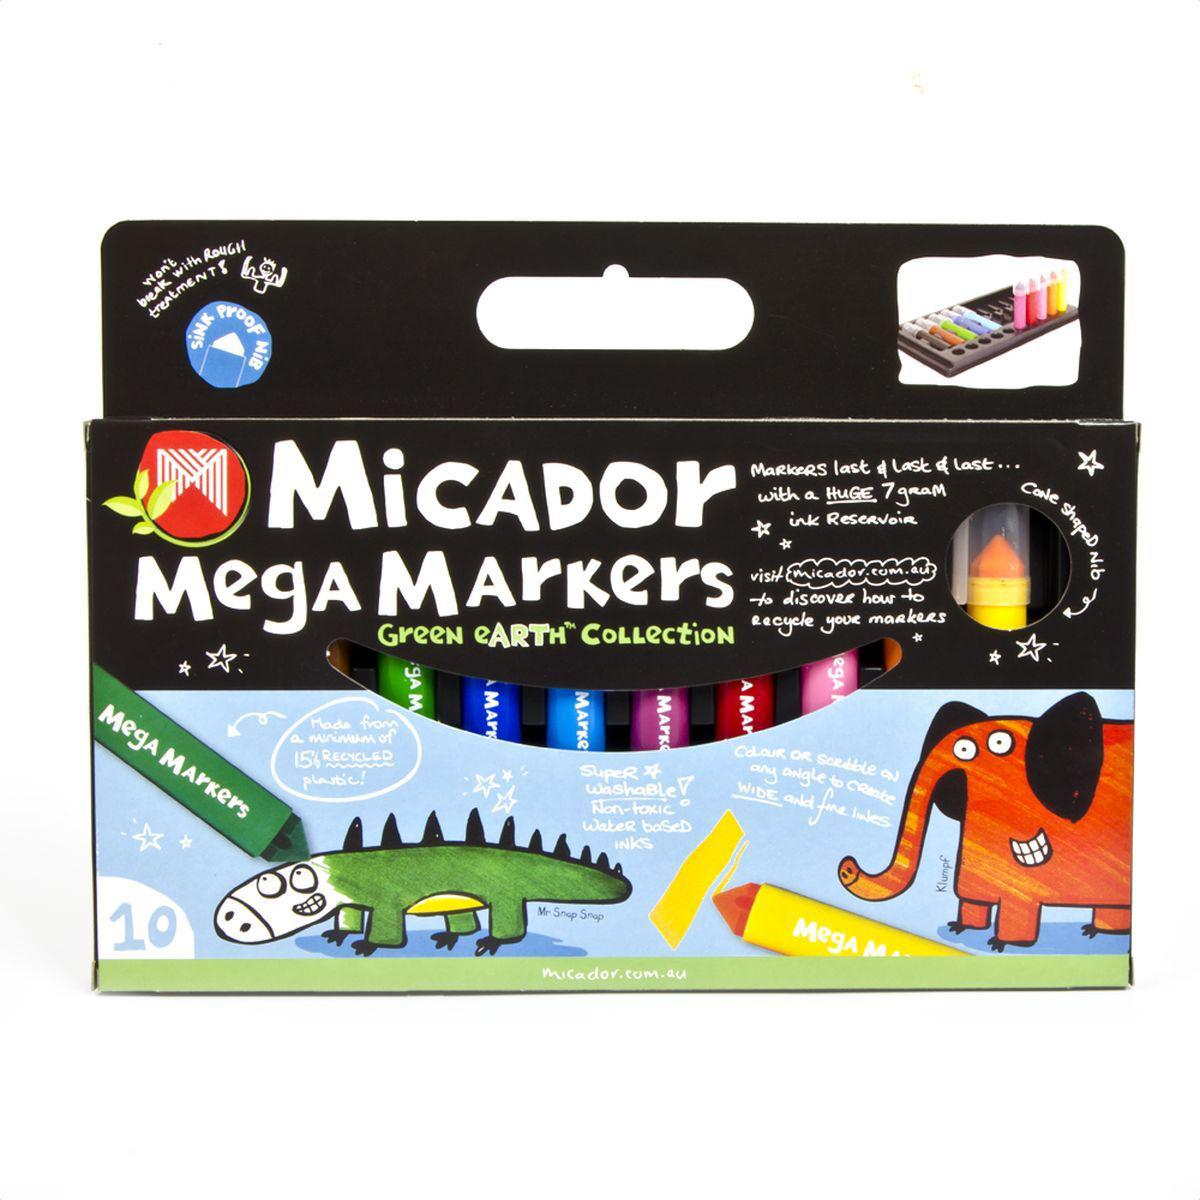 Micador Безопасные фломастеры увеличенного объема 10 цветов155175Фломастеры Micadorна водной основе, экологичные, не содержат спирт, растворителей, токсичных веществ, полностью безопасны для маленьких детей. Увеличенный резервуар для чернил делает фломастеры долговечными, каждый фломастер содержит 8 мл чернил, что в 4 раза больше обычных фломастеров.Стержень конической формы позволяет делать и широкие, и тонкие линии. Вентилируемый колпачок предотвращает высыхание чернил.Сухие фломастеры легко можно восстановить, всего лишь опустив наконечник в воду. Широкий корпус делает фломастеры удобными для маленьких детских ладошек.Изготовлены по запатентованной технологии Easy Wash: легко отстирываются от любой поверхности даже в холодной воде.Экологичная, 100% перерабатываемая упаковка. Изготовлены с использованием солнечной энергии и с заботой об окружающей среде.Австралийский бренд Micador - эксперт в товарах для детского творчества с 1954 года.